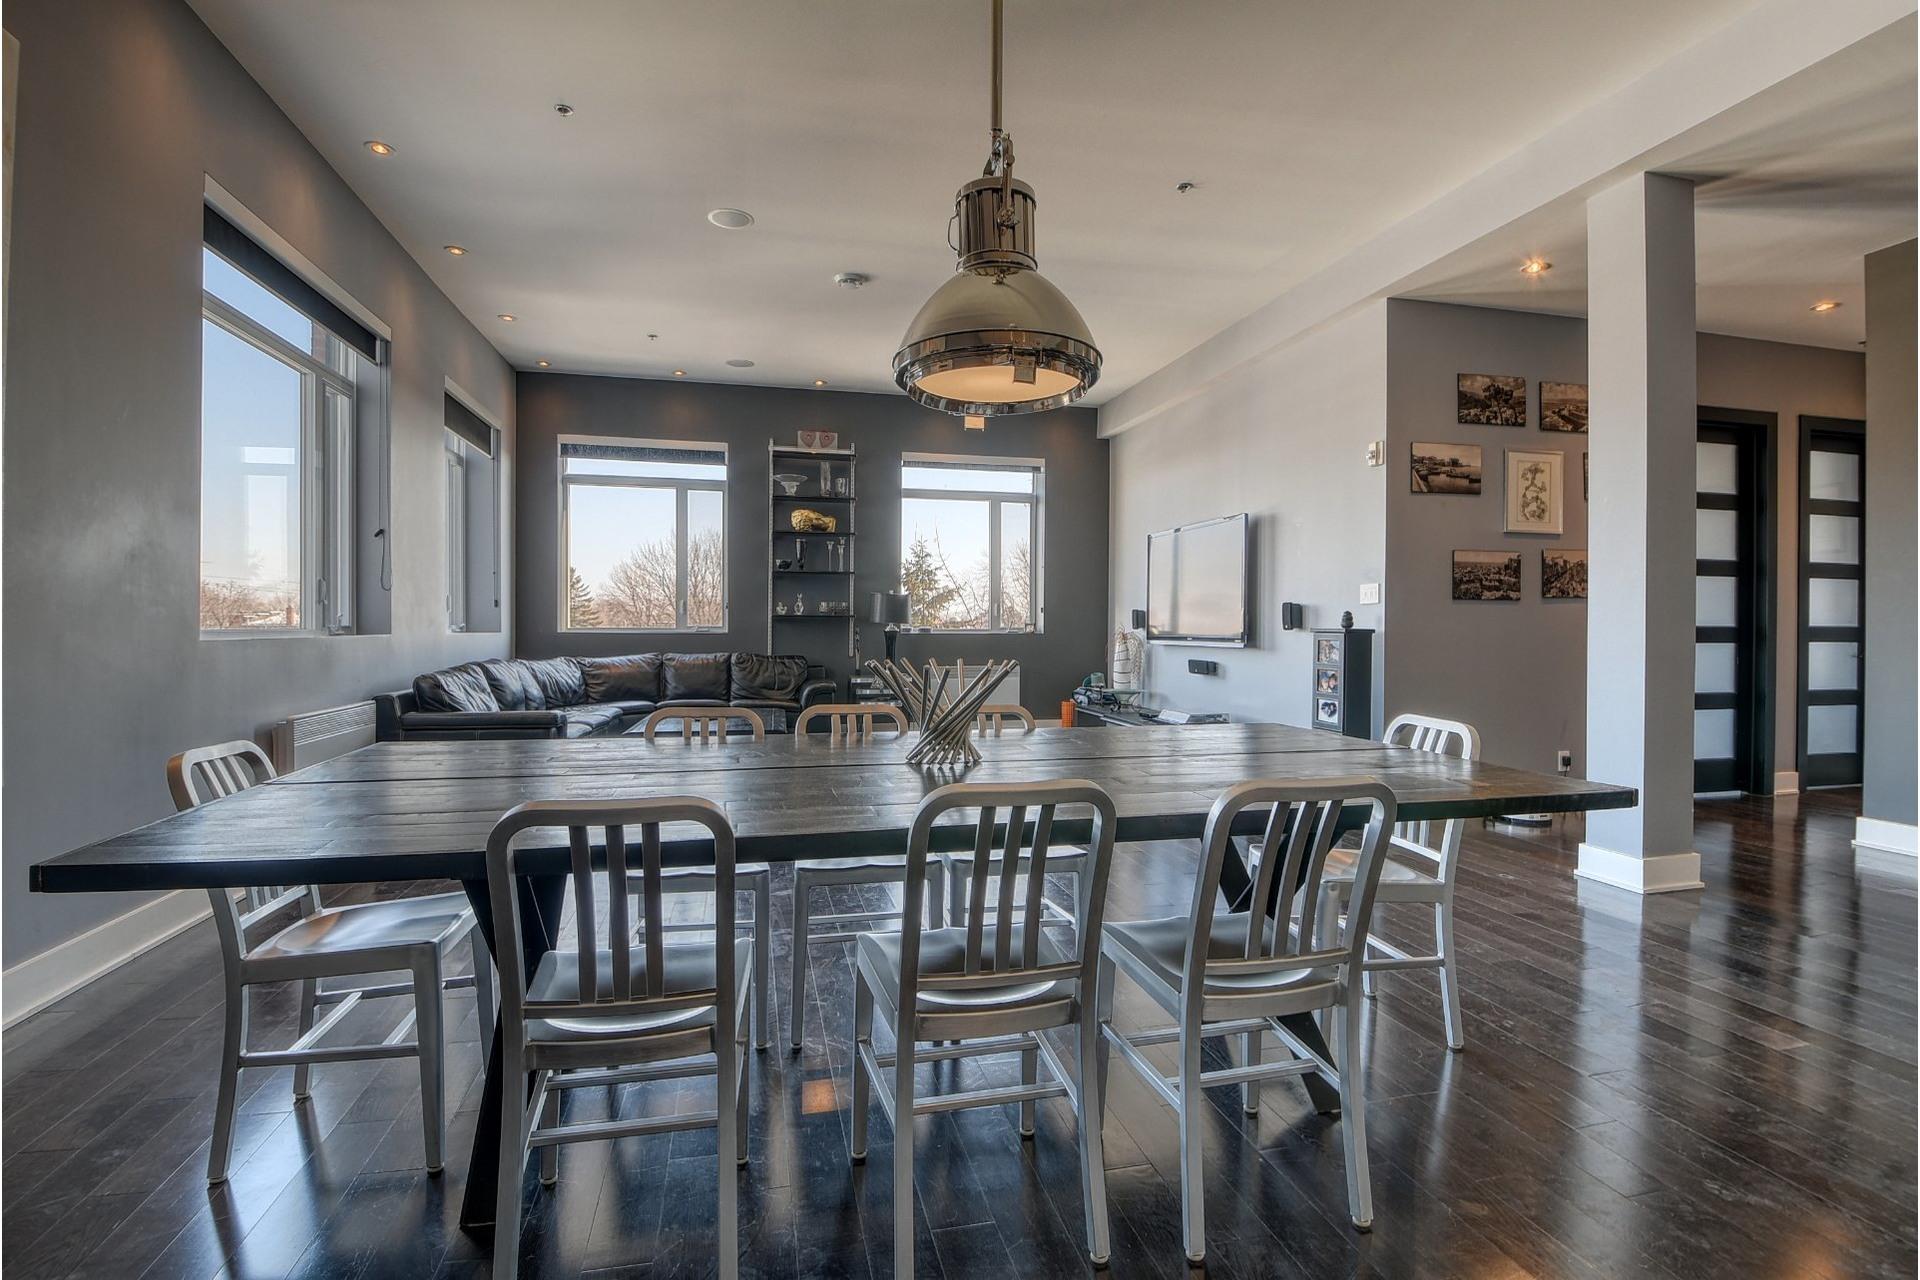 image 7 - Appartement À vendre Lachine Montréal  - 12 pièces